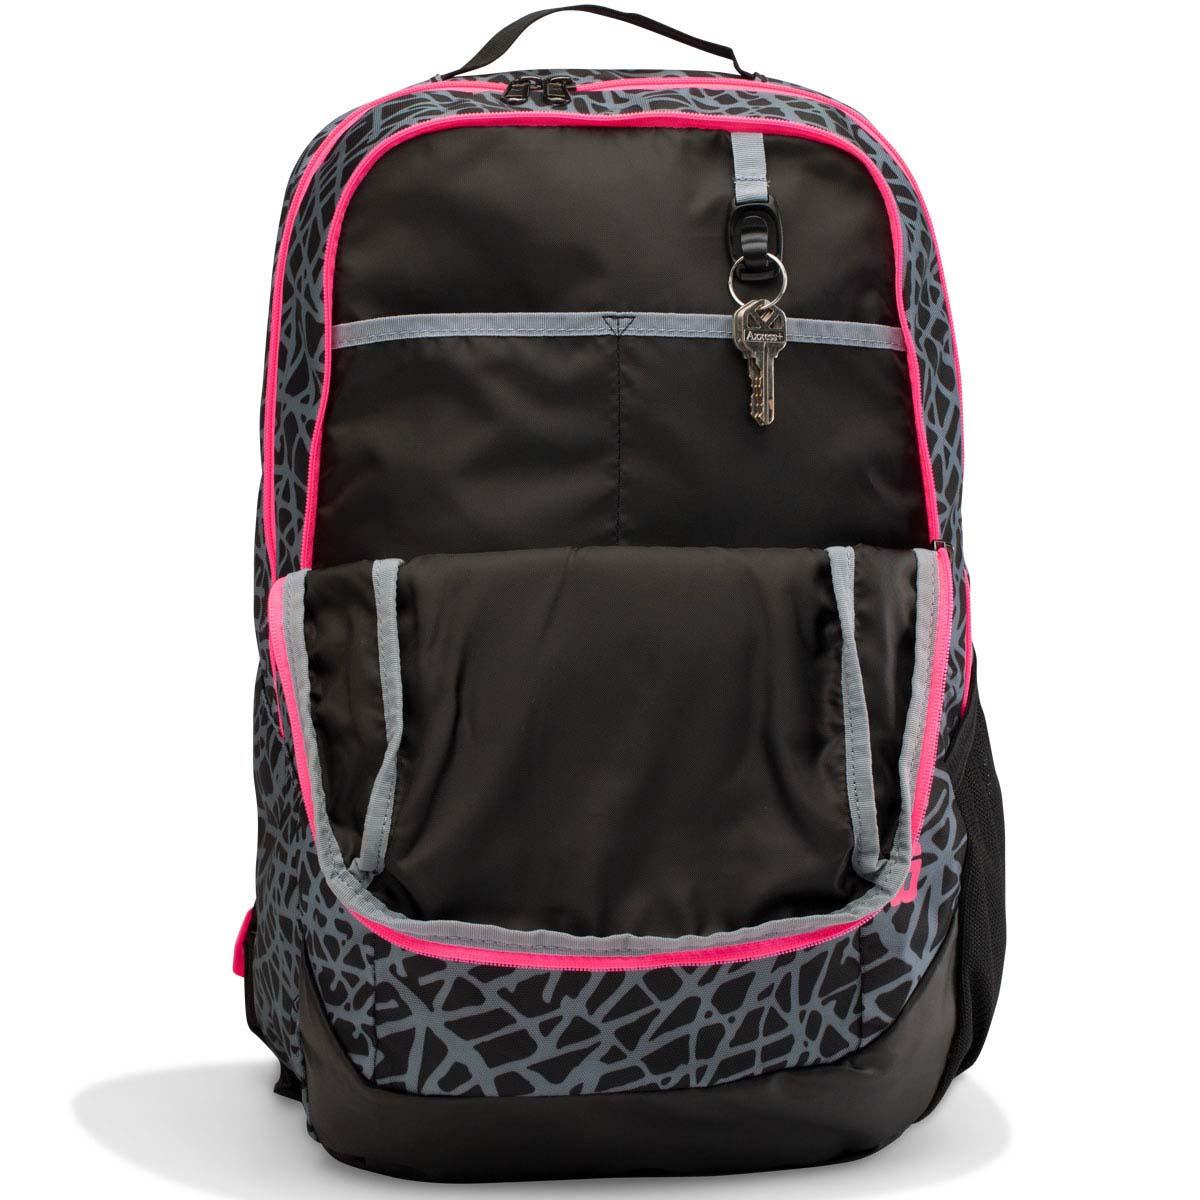 Under Armour 2017 UA Hustle Backpack LDWR Rucksack School